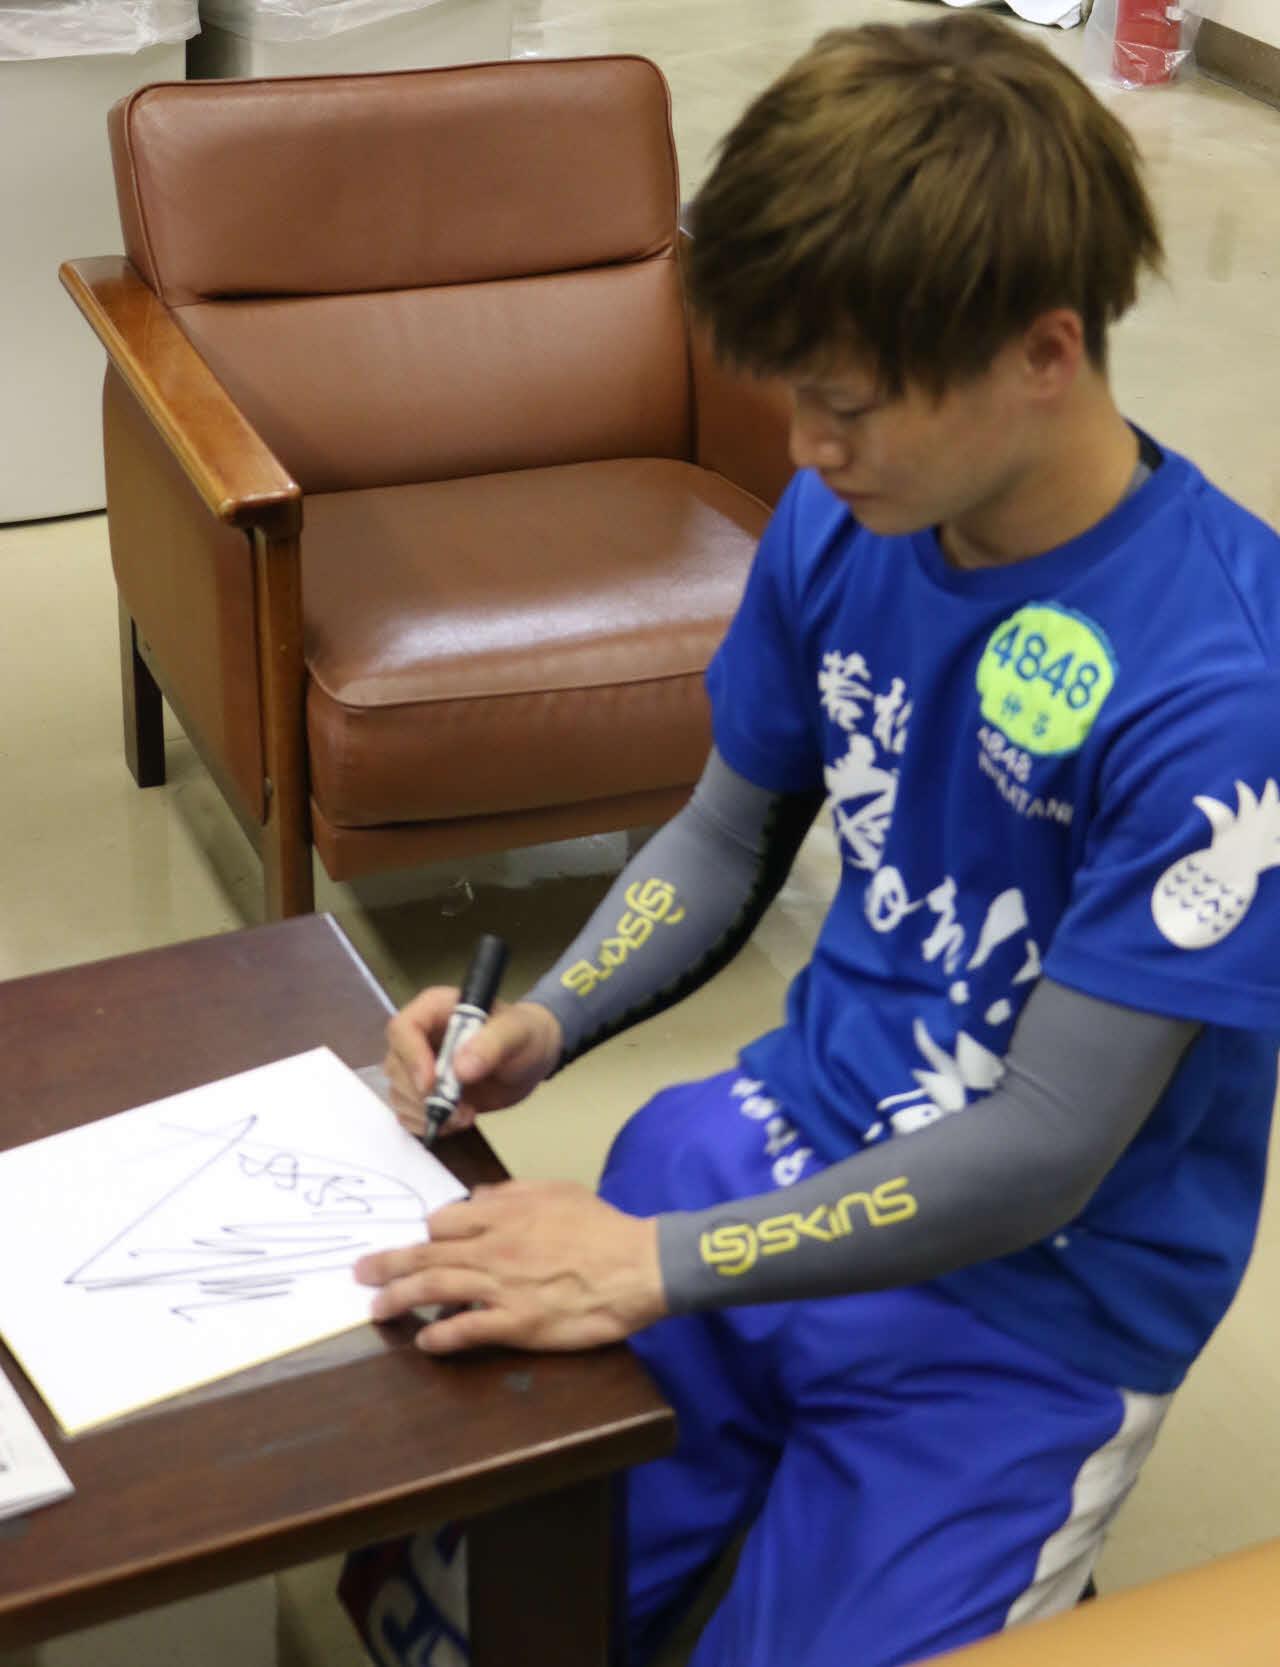 逃げて今年2度目の優勝を飾った仲谷颯仁が色紙にサインをする